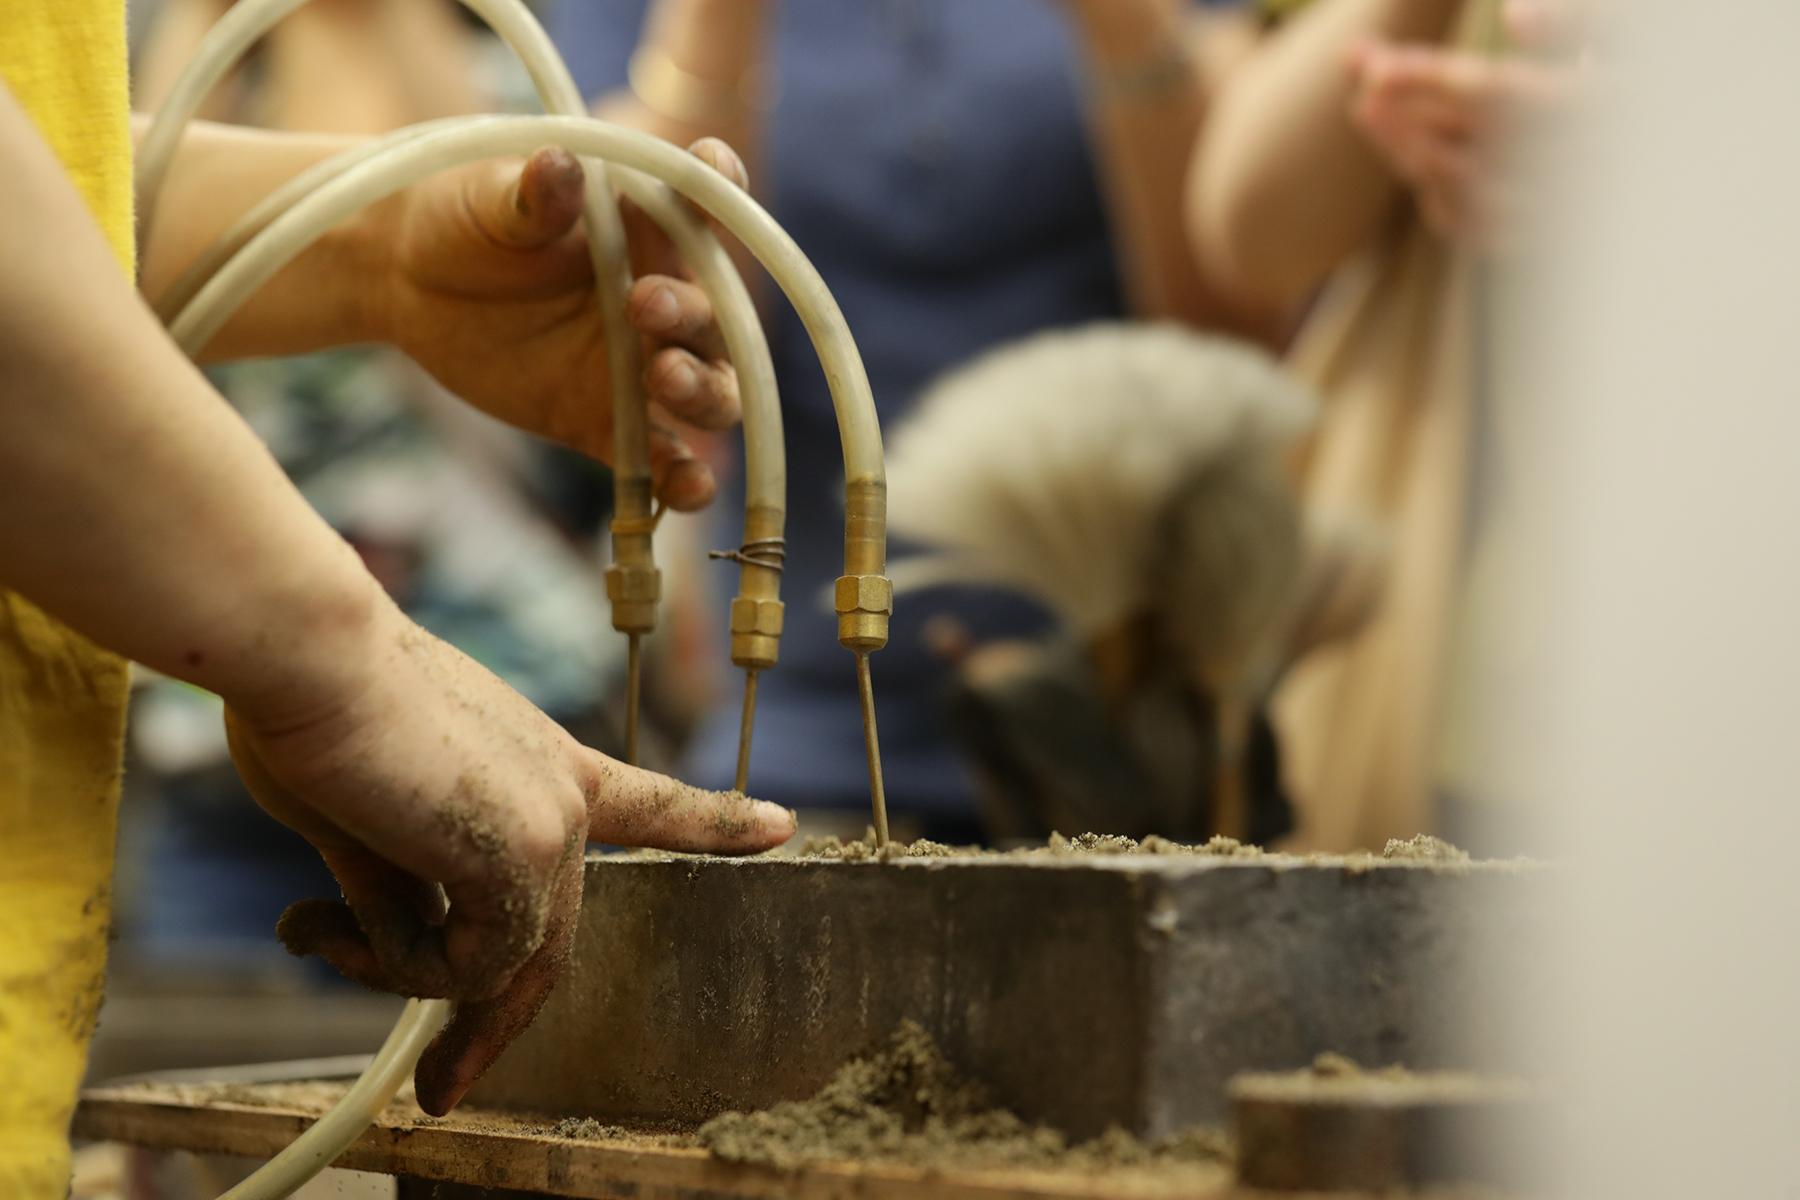 為讓金屬可以在砂模中順利流動,需要考慮灌入孔適合的方向。